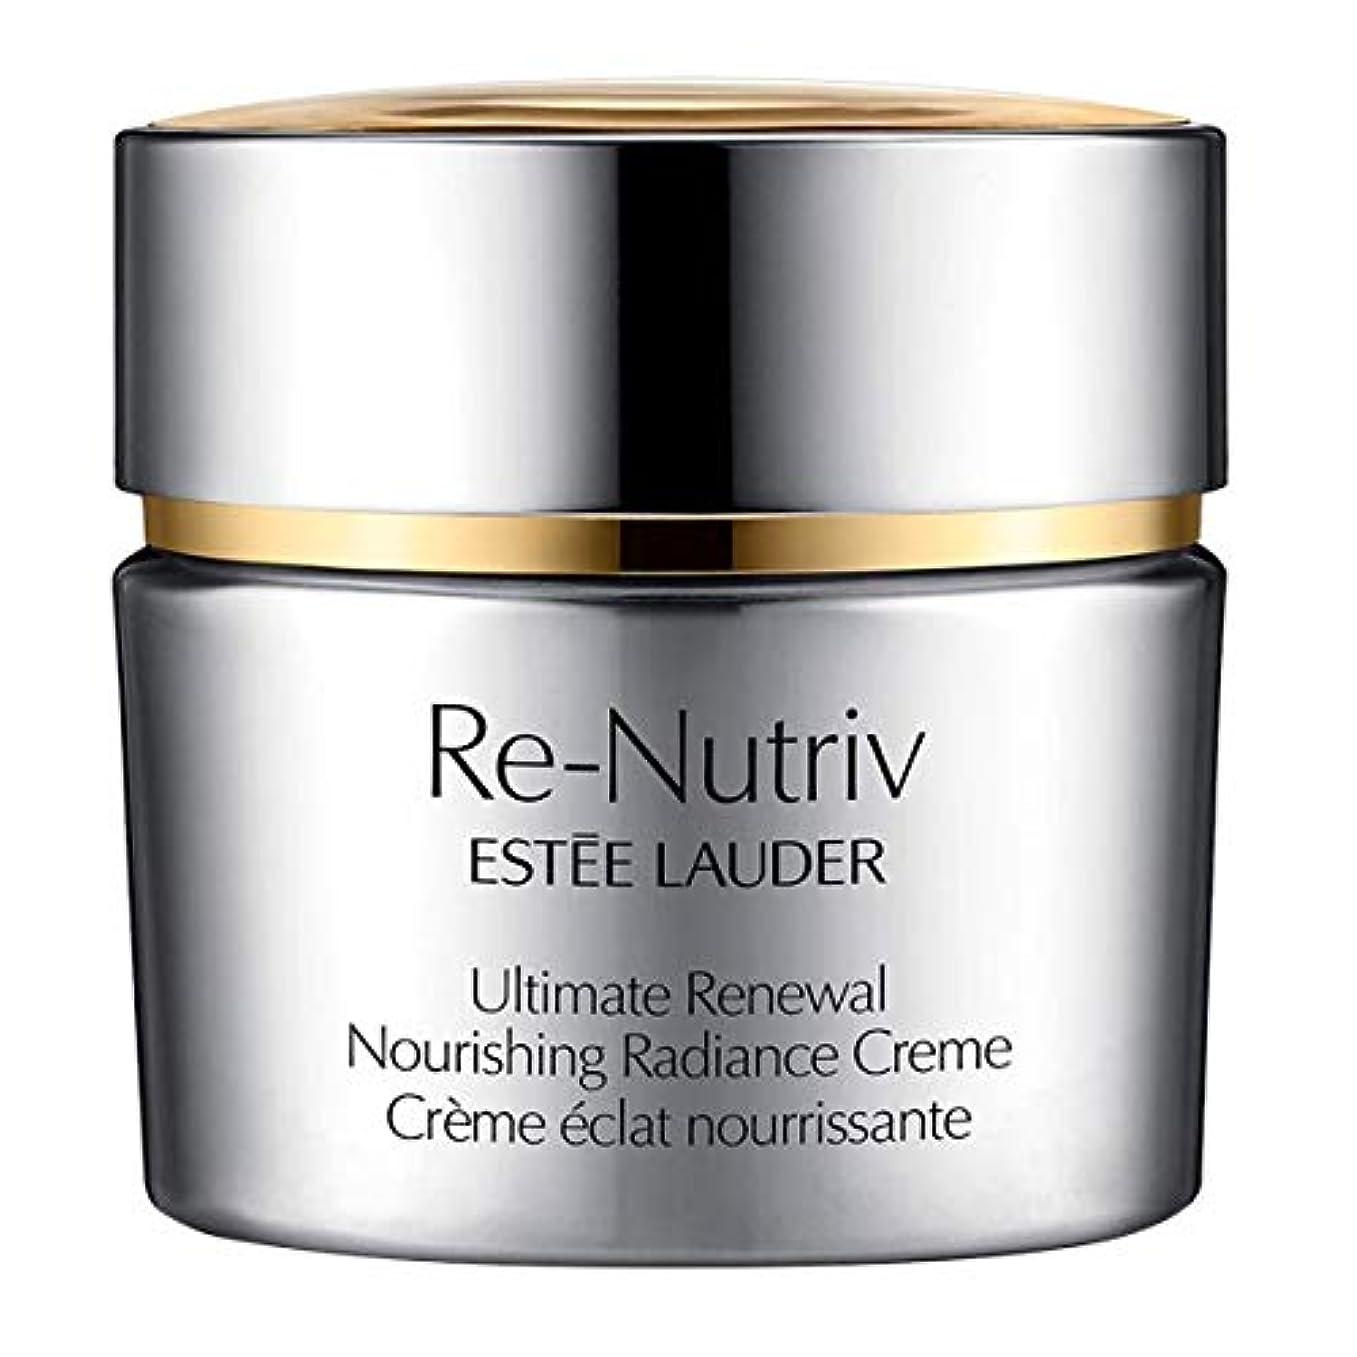 相続人迷惑応答エスティローダー Re-Nutriv Ultimate Renewal Nourishing Radiance Creme 50ml/1.7oz並行輸入品